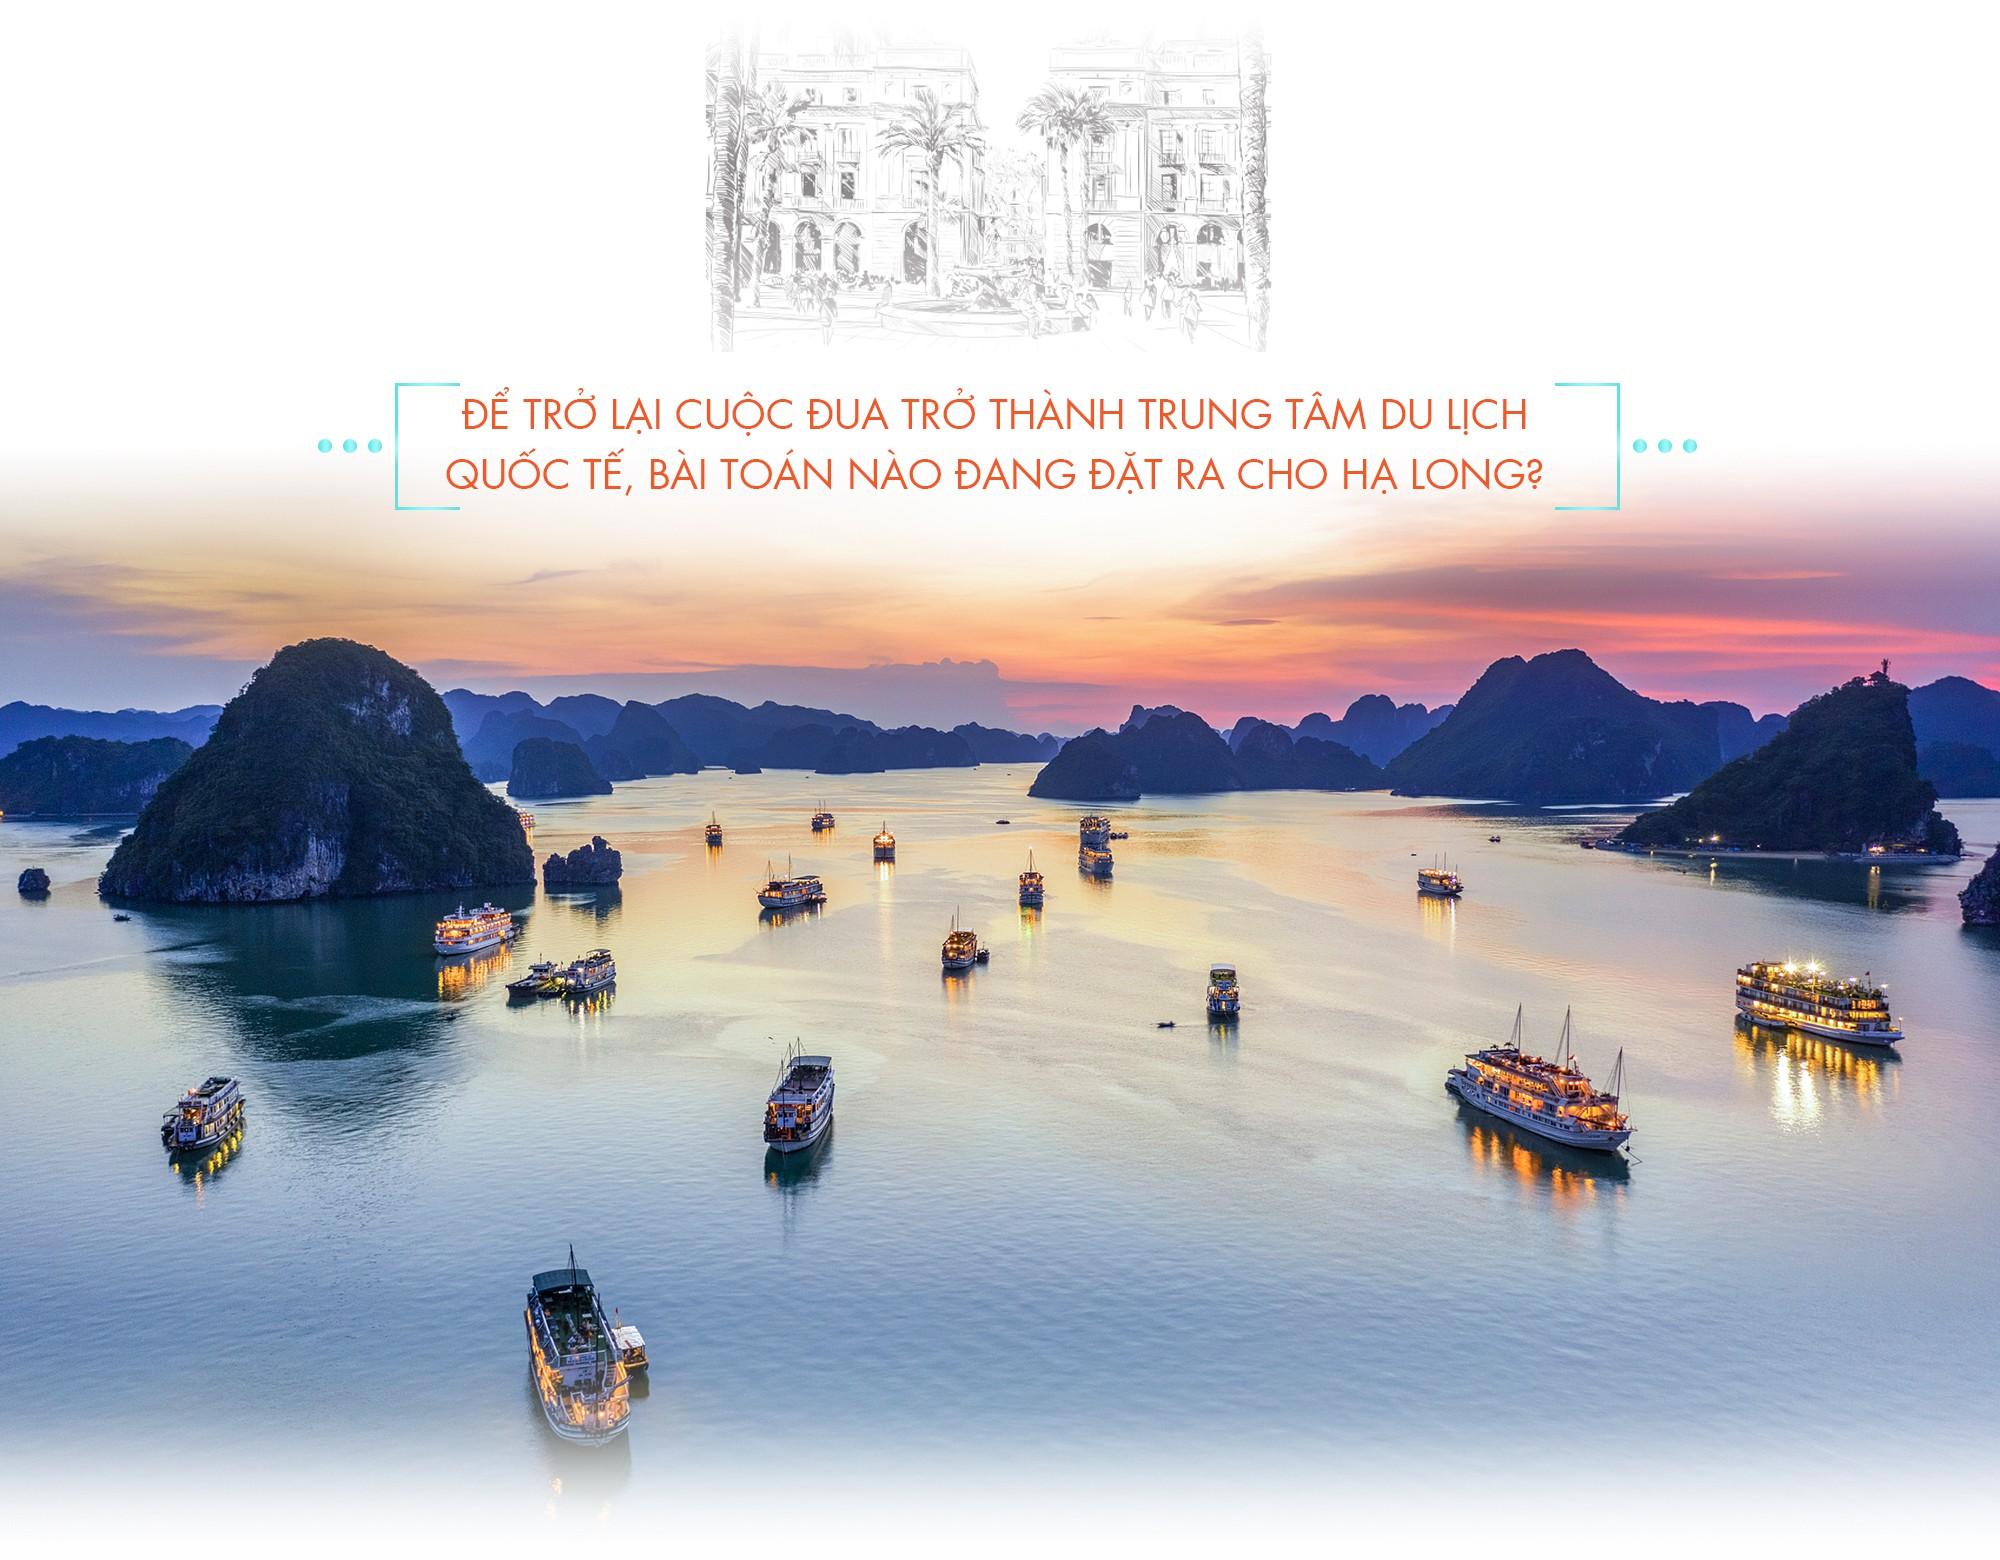 HaLong Marina đánh thức vịnh di sản thế giới - Ảnh 2.